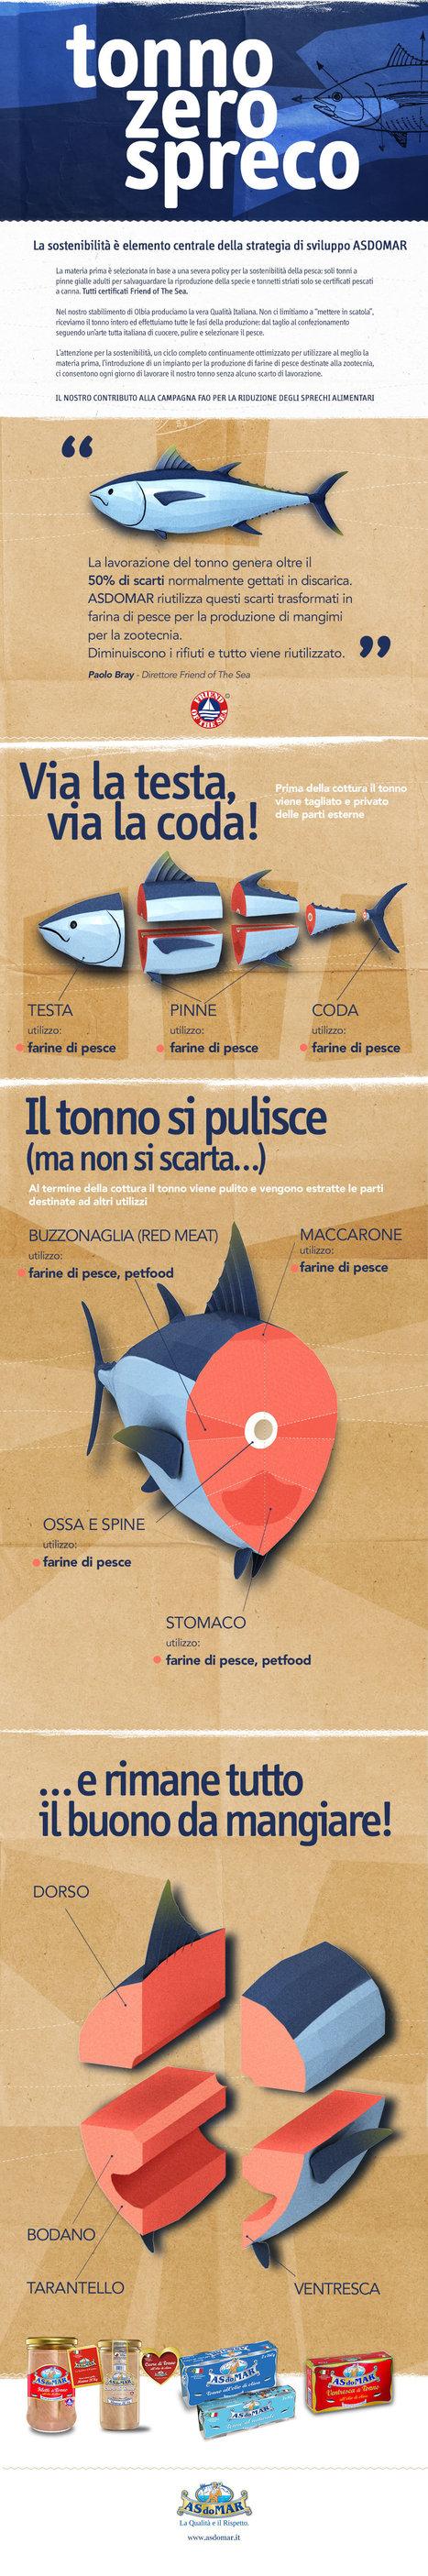 Tonno Zero Spreco ASDOMAR | La Qualità e il Rispetto | Scoop.it